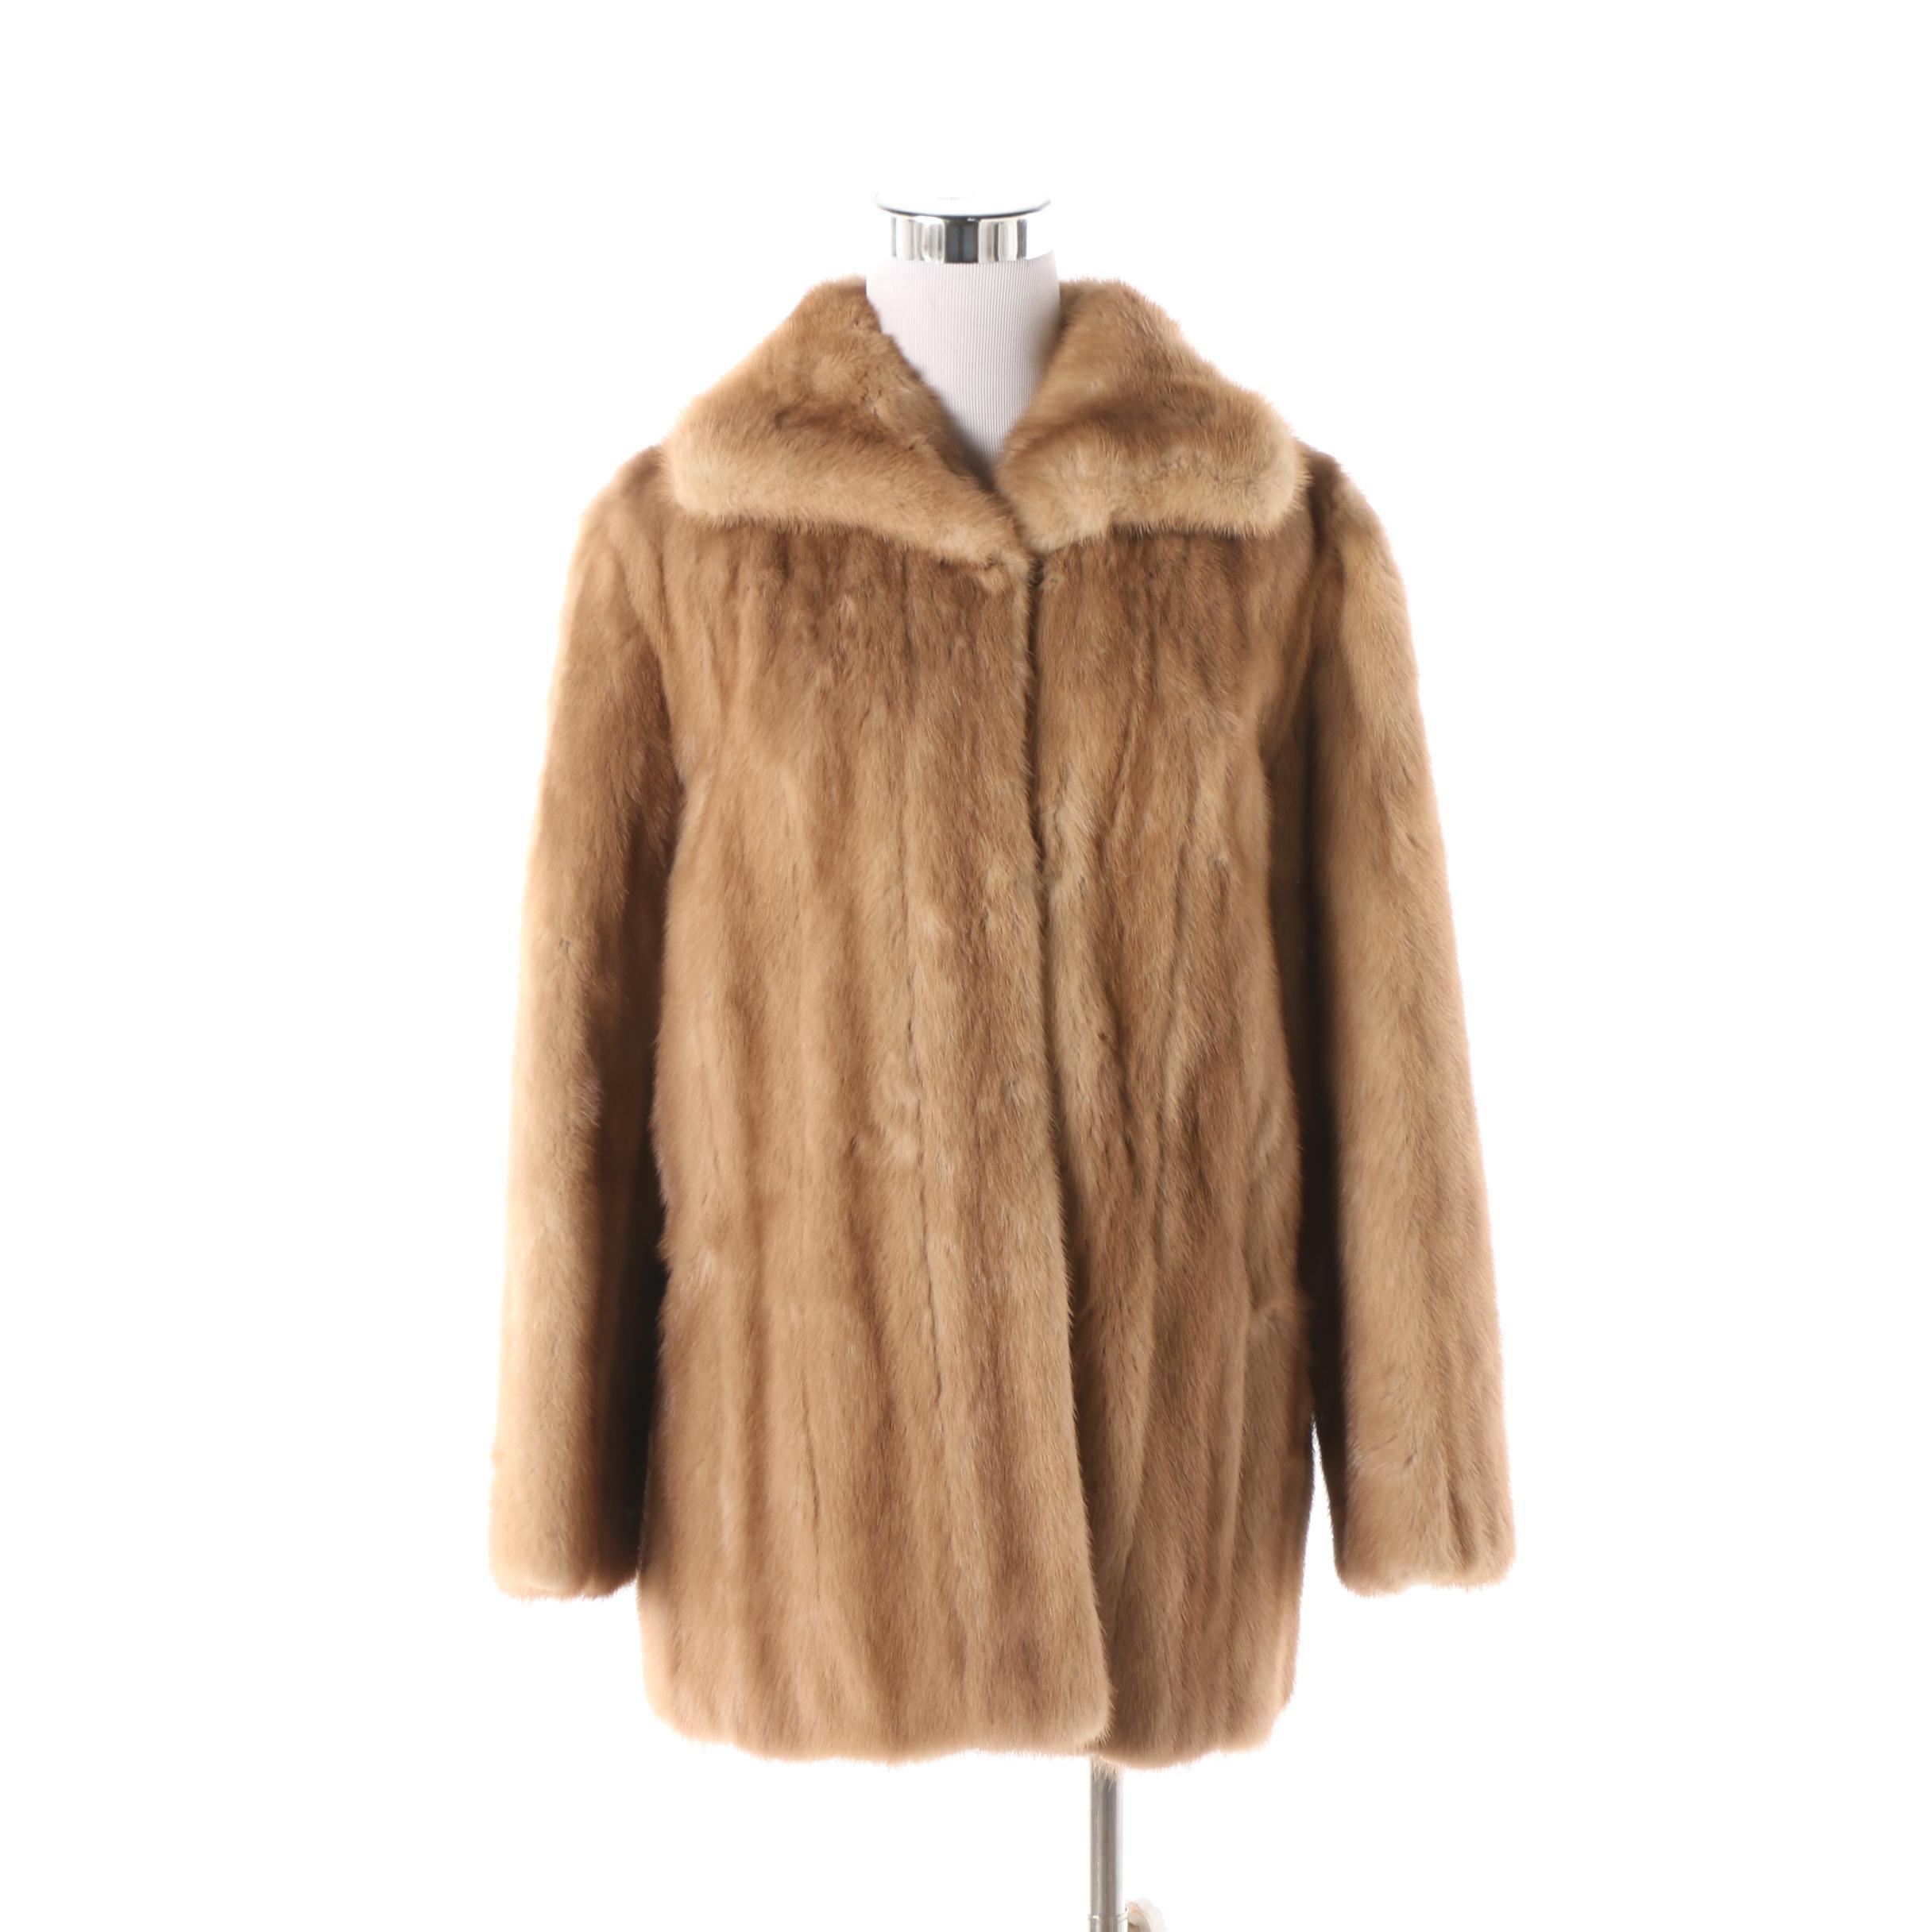 Women's Vintage Saks-Jandel Pastel Mink Fur Coat